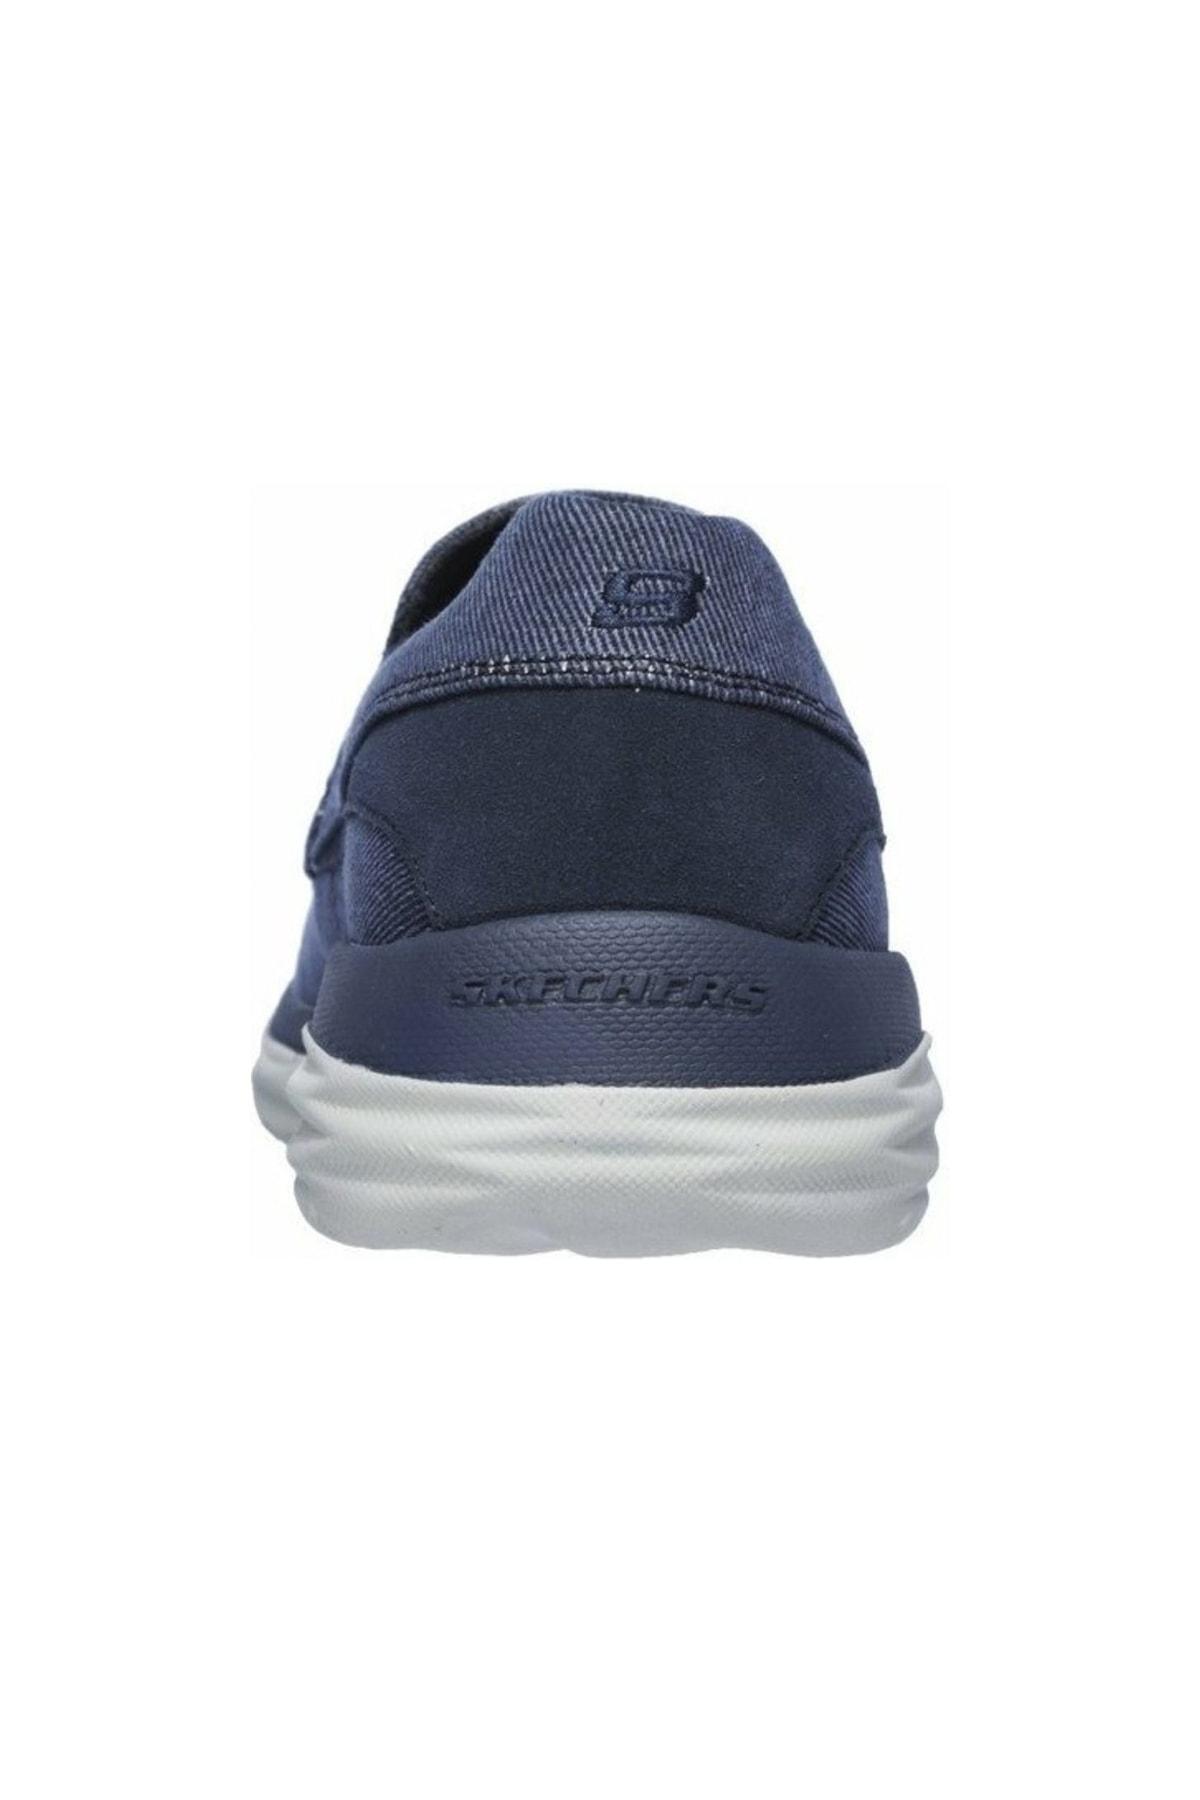 SKECHERS HARSEN- ALONDRO Erkek Mavi Günlük Ayakkabı 65605 BLU 2